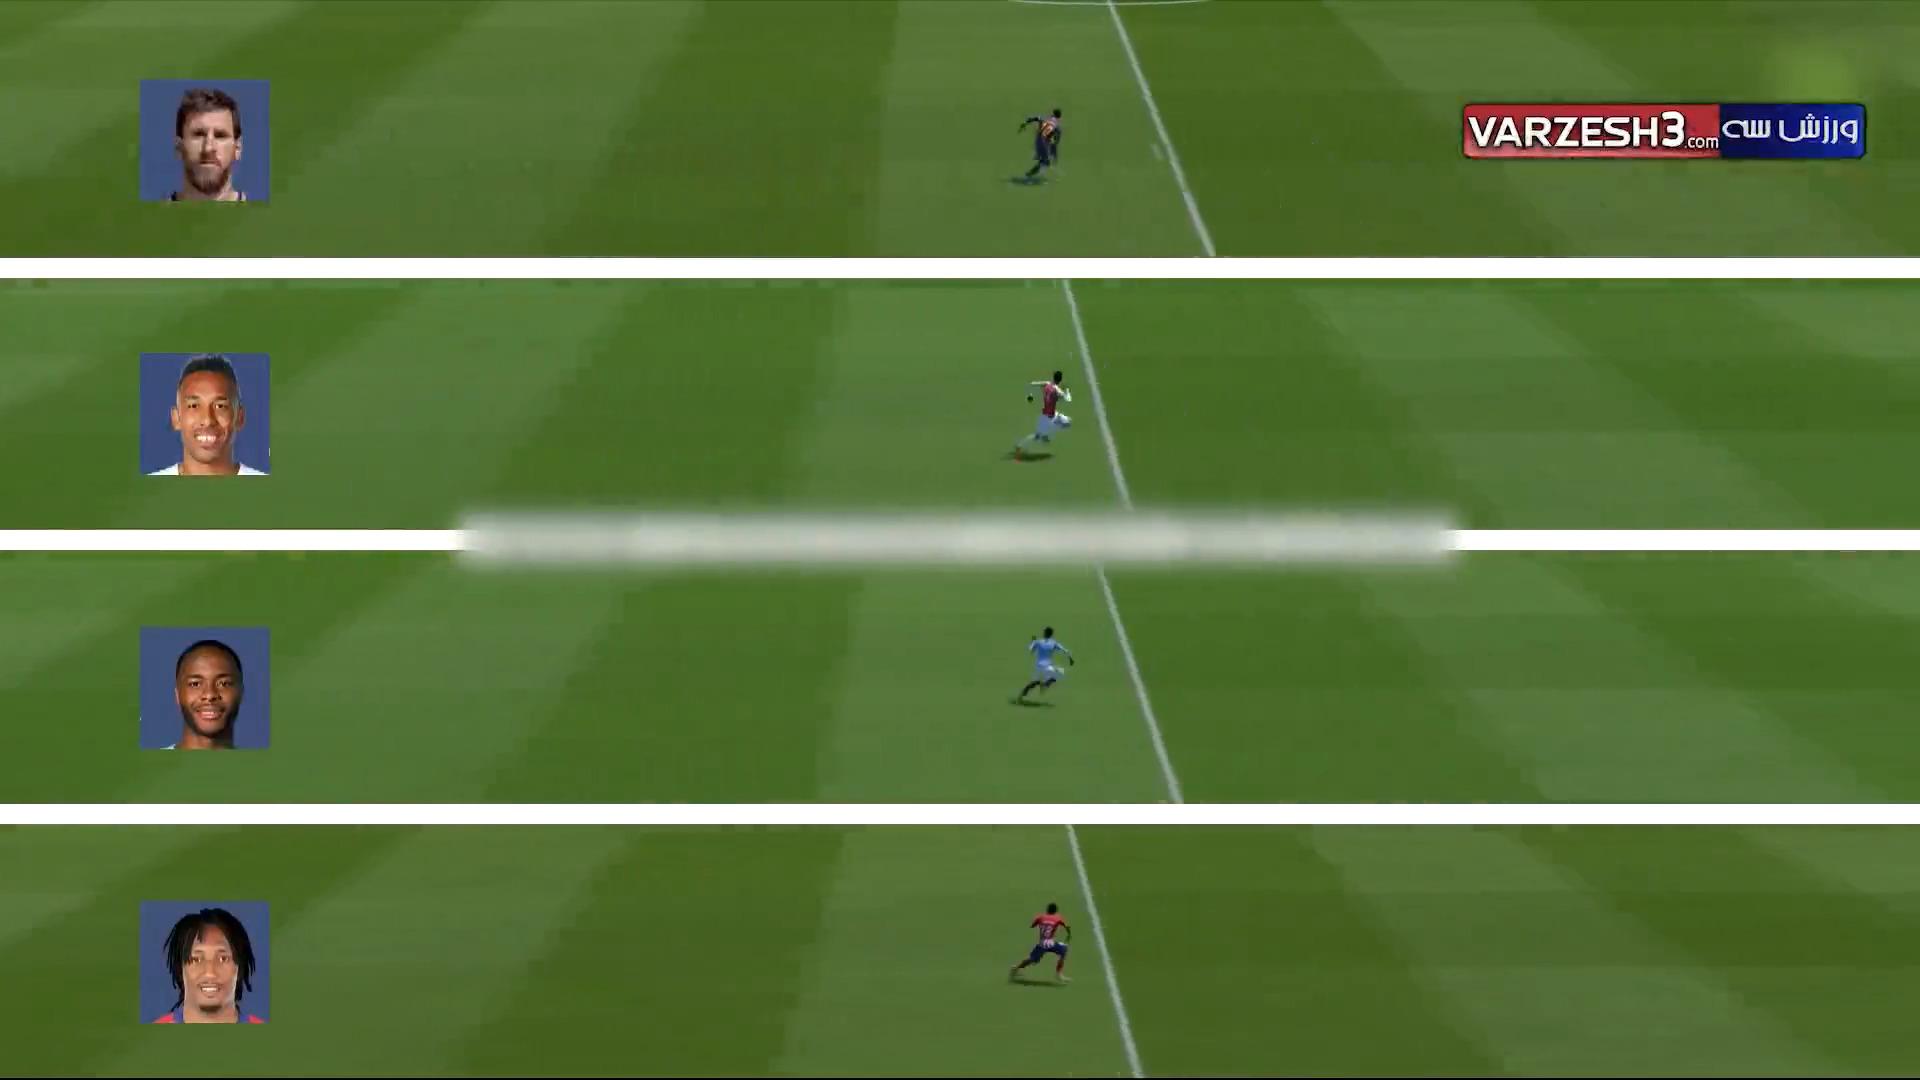 مقایسه سرعت ستارگان فوتبال در بازی FIFA19